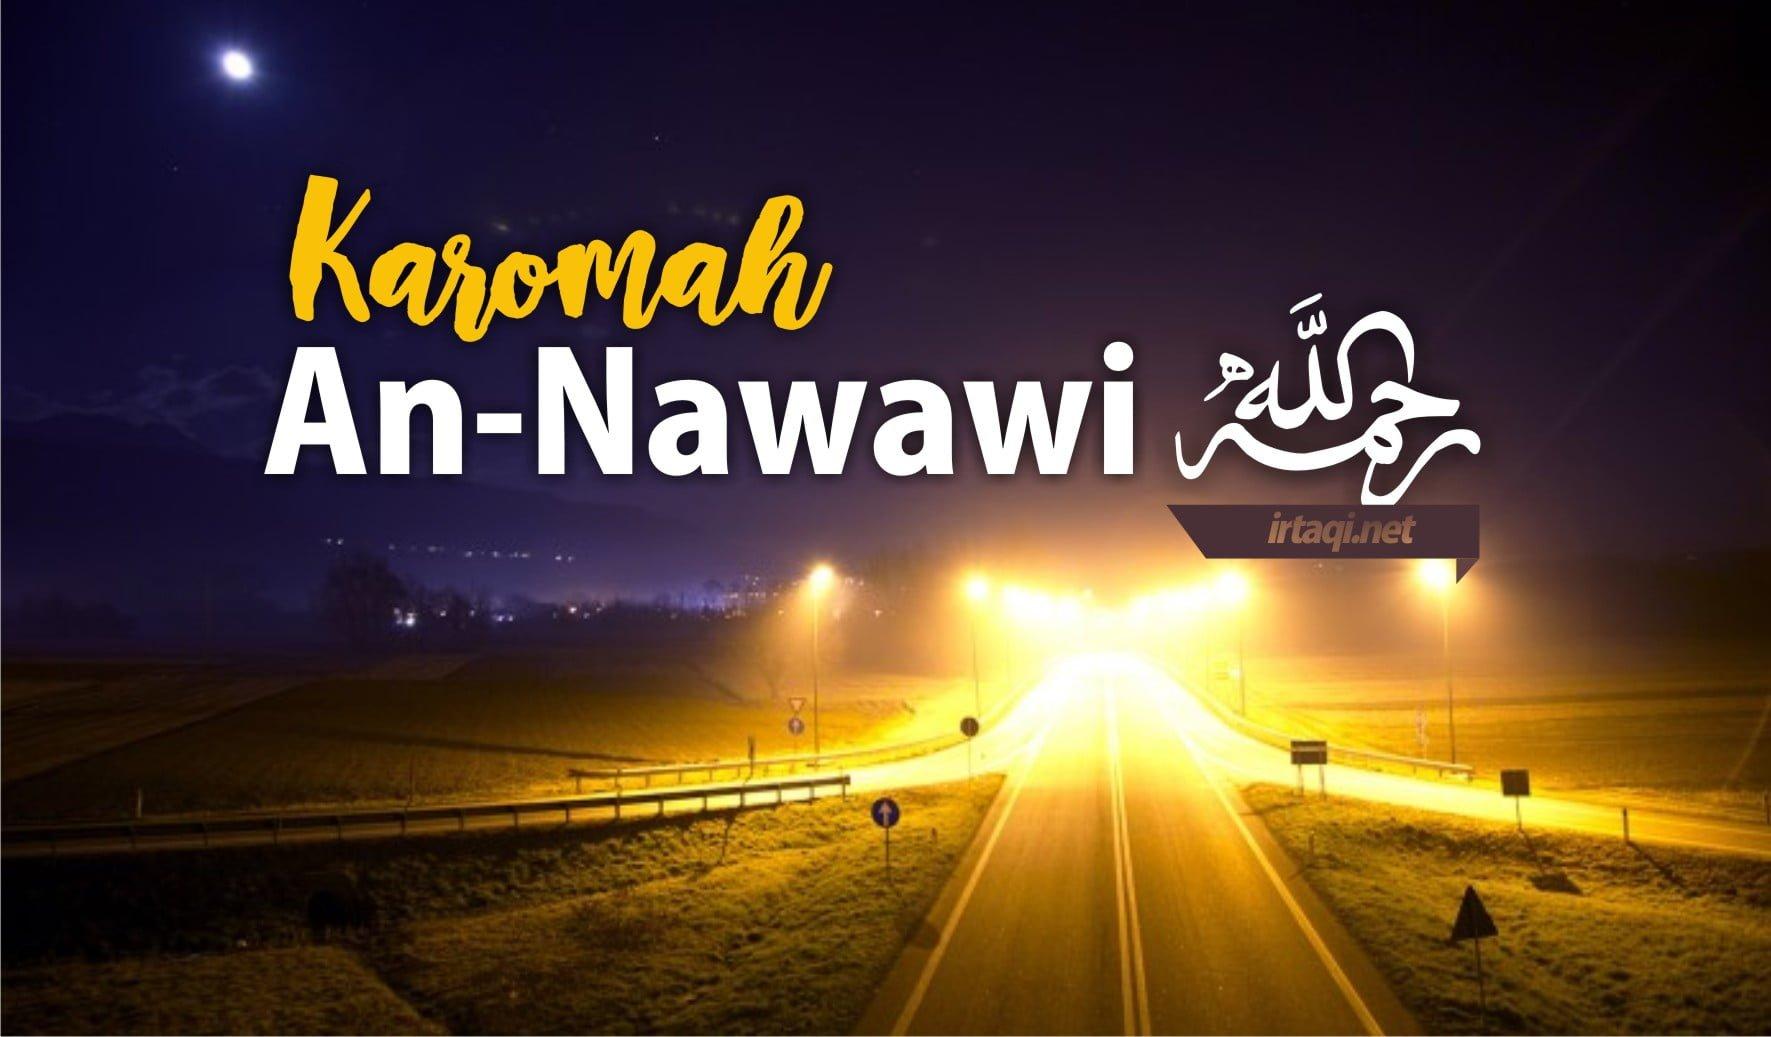 KAROMAH AN-NAWAWI